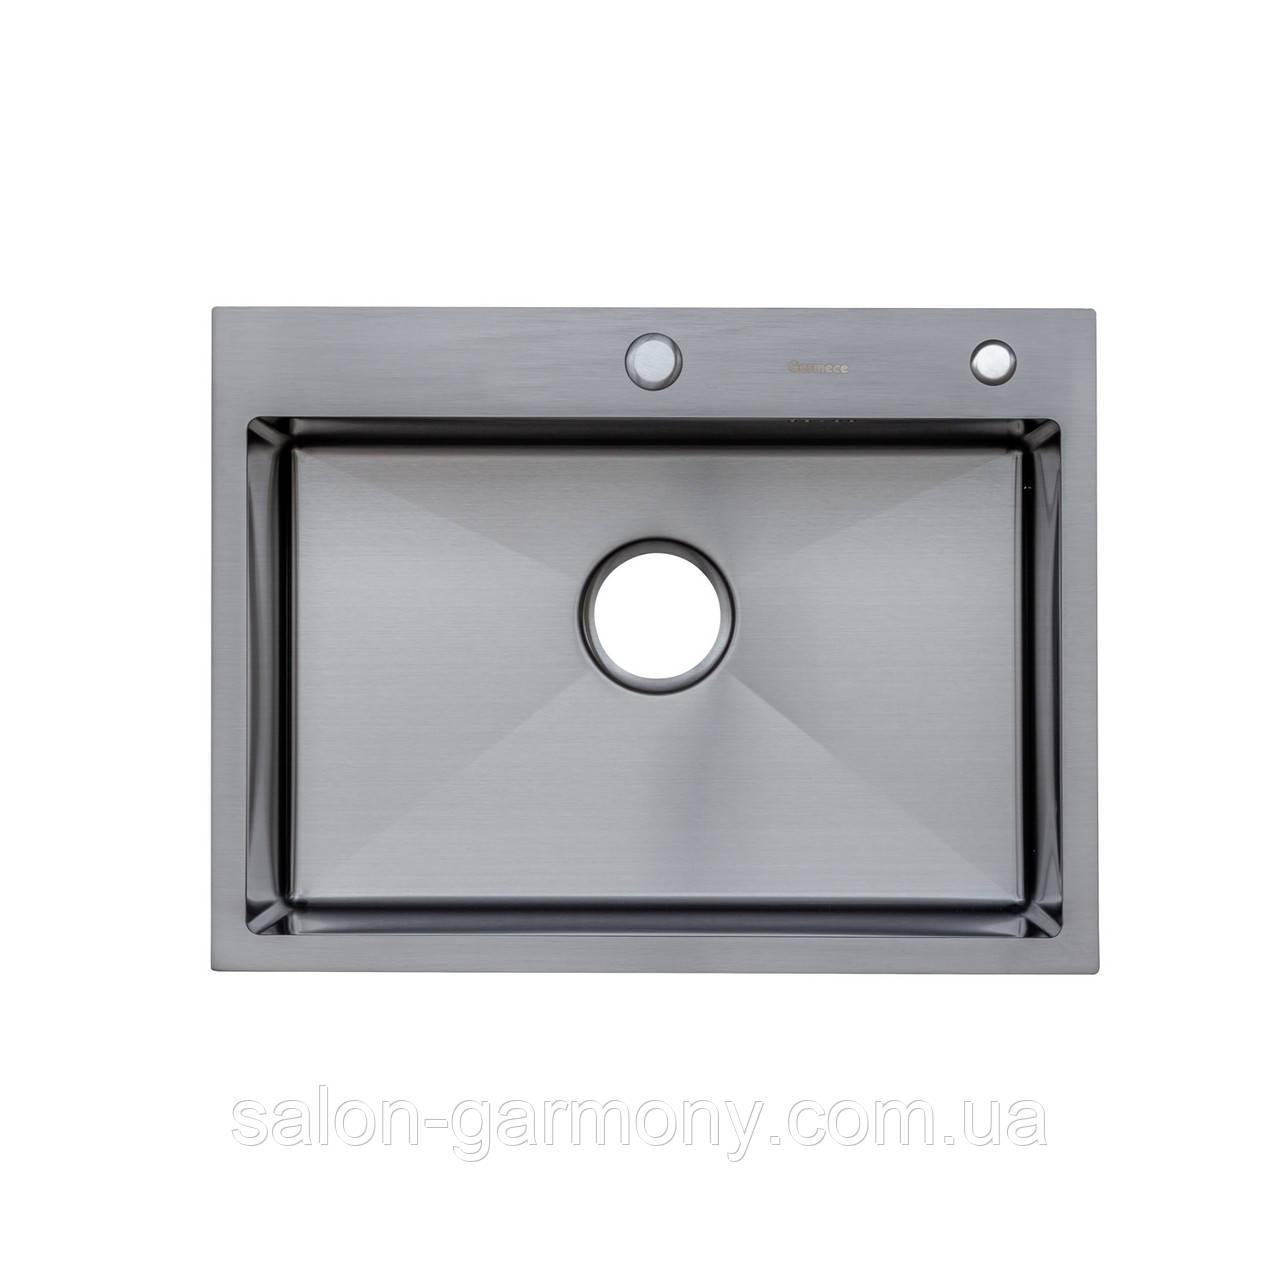 Кухонна мийка Platinum Handmade PVD чорна 60 * 45/220 3,0 / 1,5 мм кошик і дозатор в комплекті